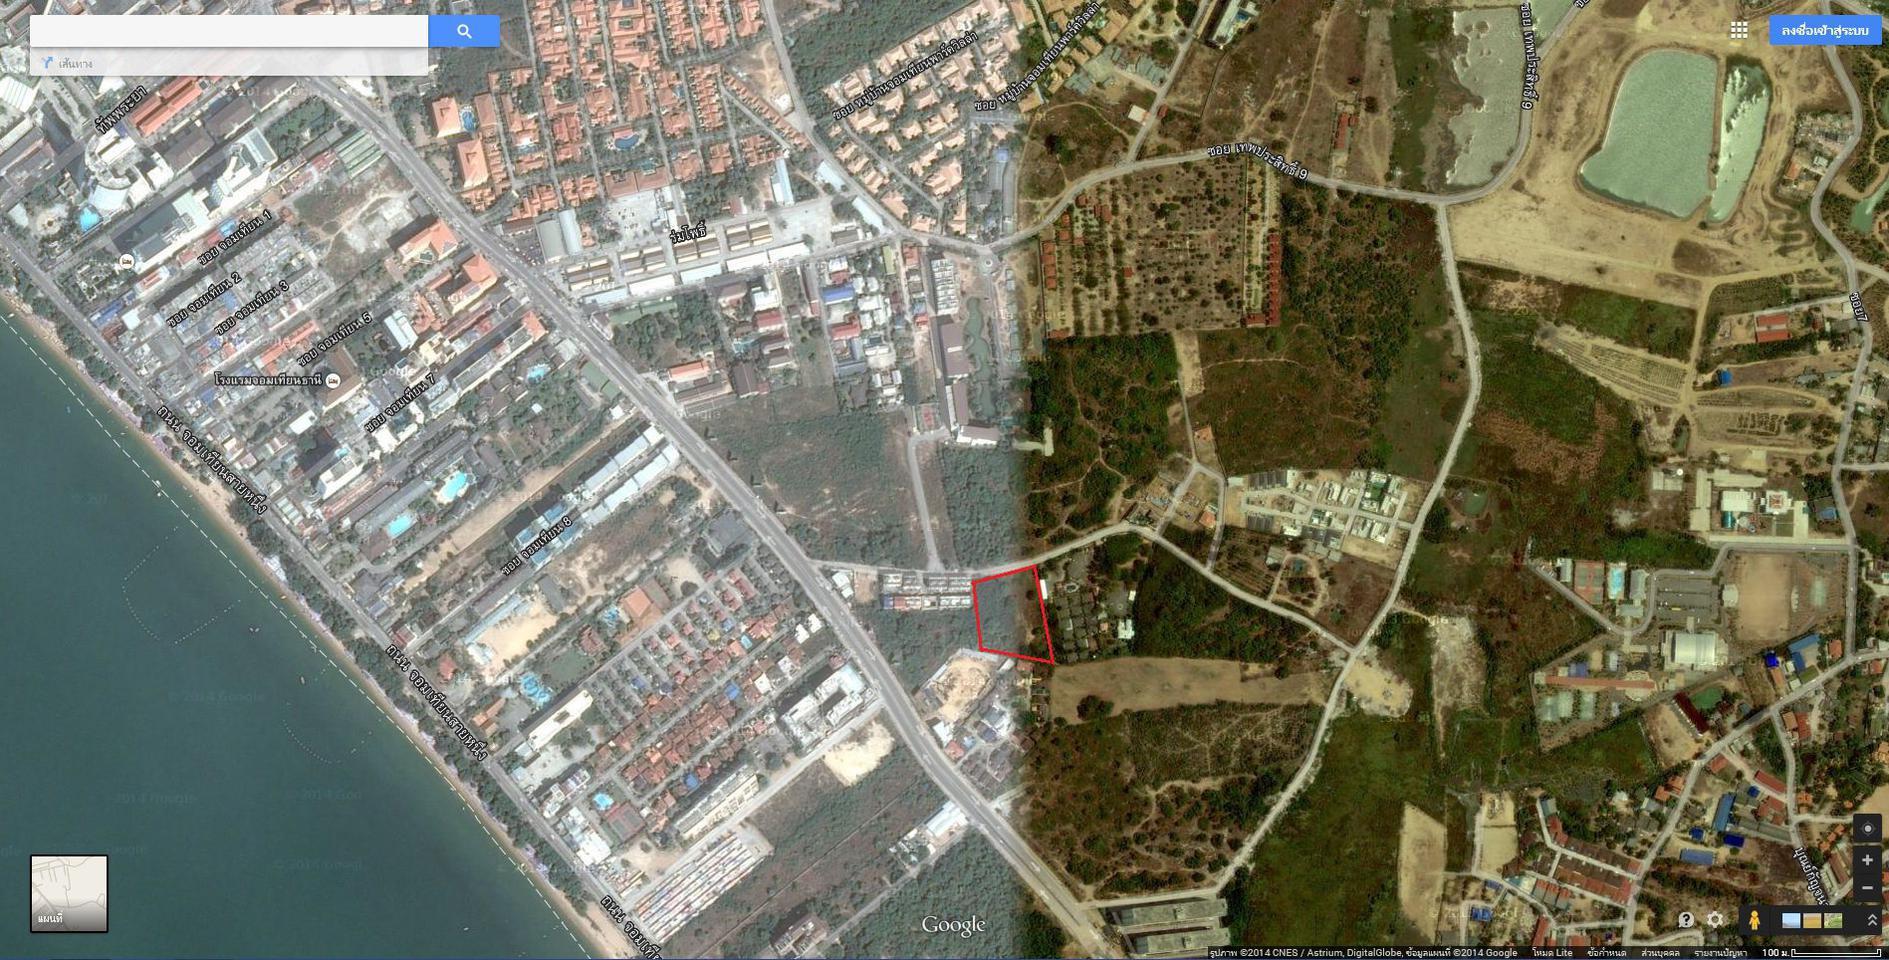 ขายที่ดิน 5 ไร่ 55 ตารางวา หน้ากว้าง 73 เมตร ลึก 121 เมตร ใก้ลหาดพัทยา เหมาะสร้างโรงแรมและดอนโด รูปที่ 1